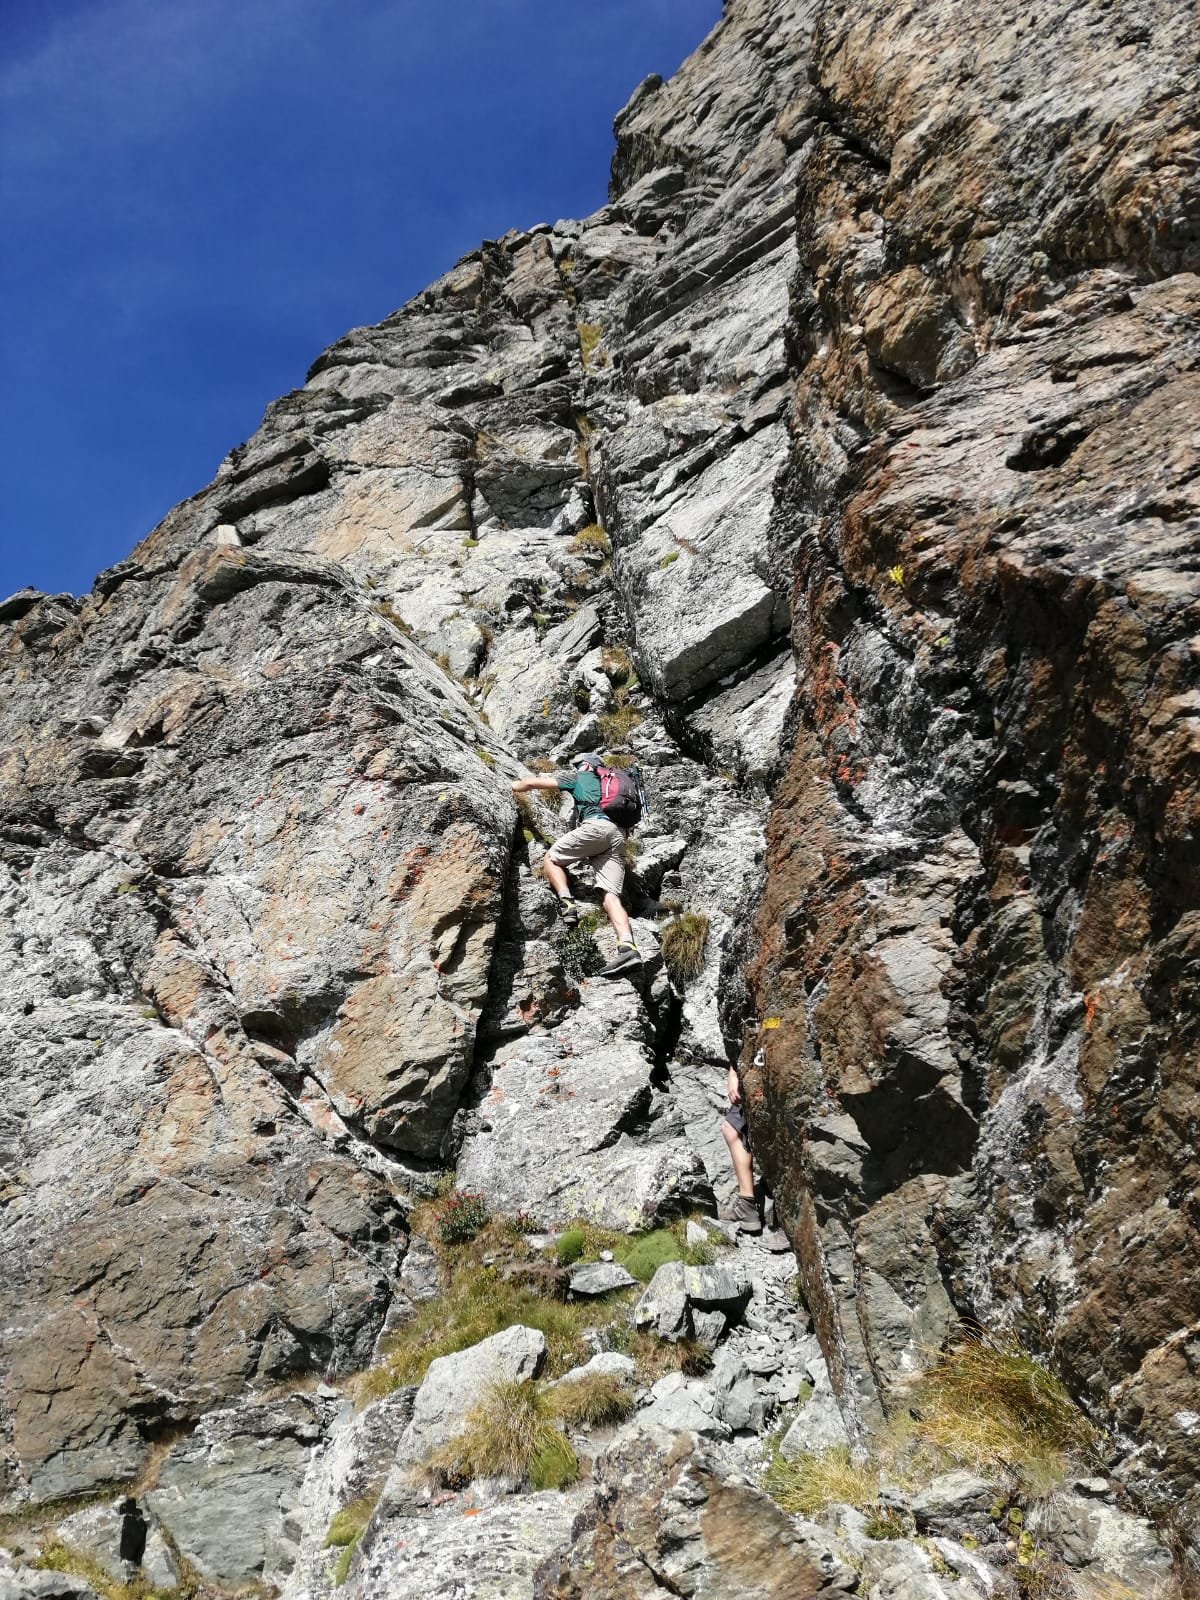 Tratti di facile arrampicata salendo al Granero